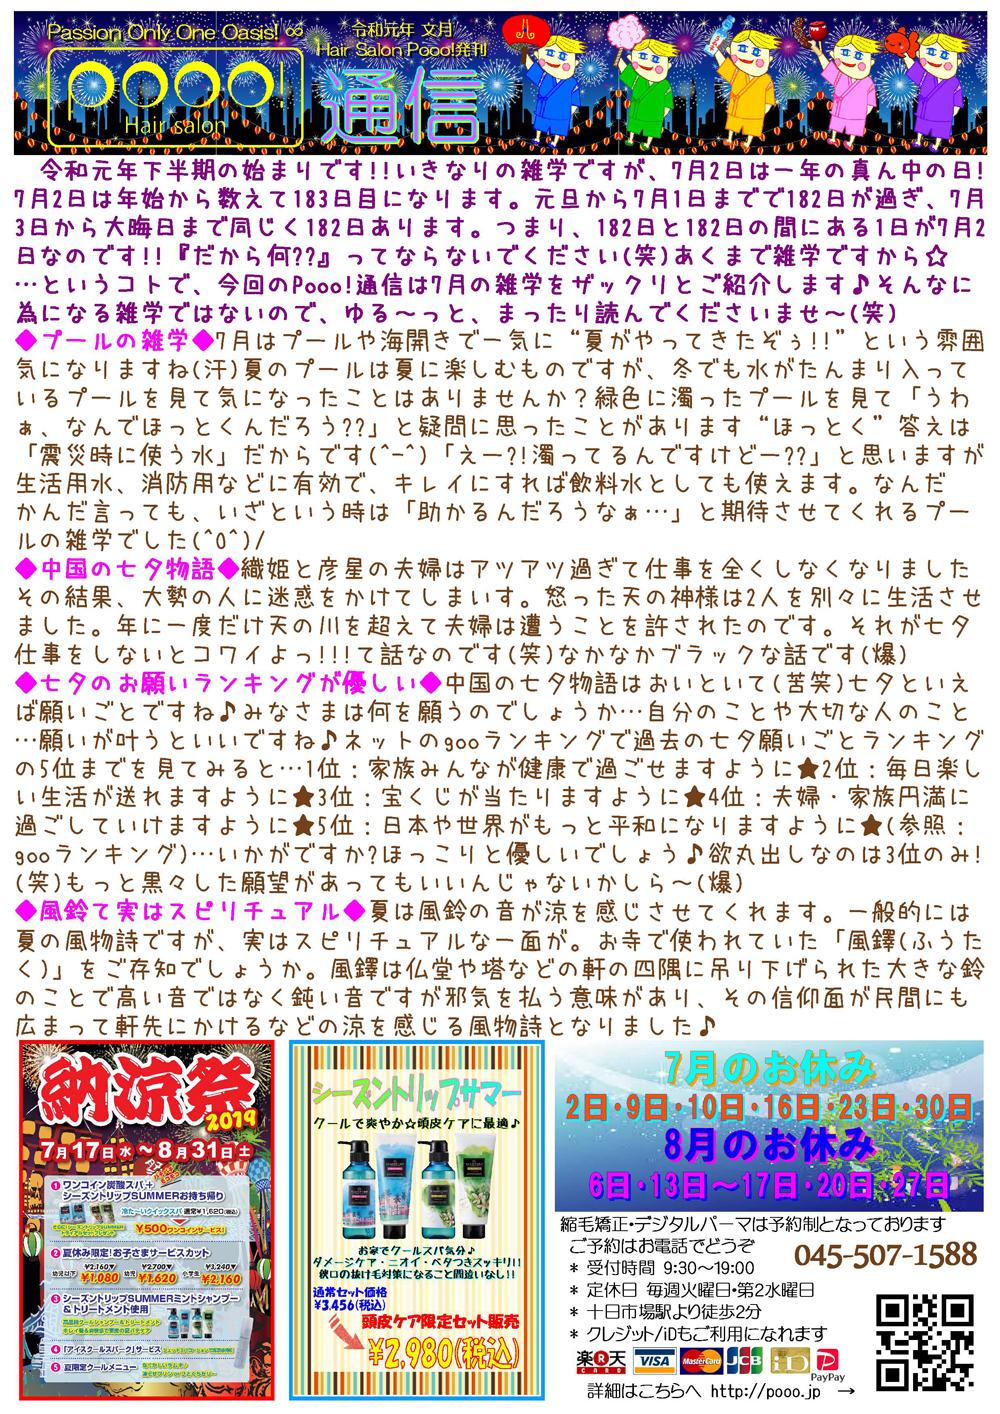 https://pooo.jp/wp-content/uploads/2019/07/Pooonews19-07.jpg